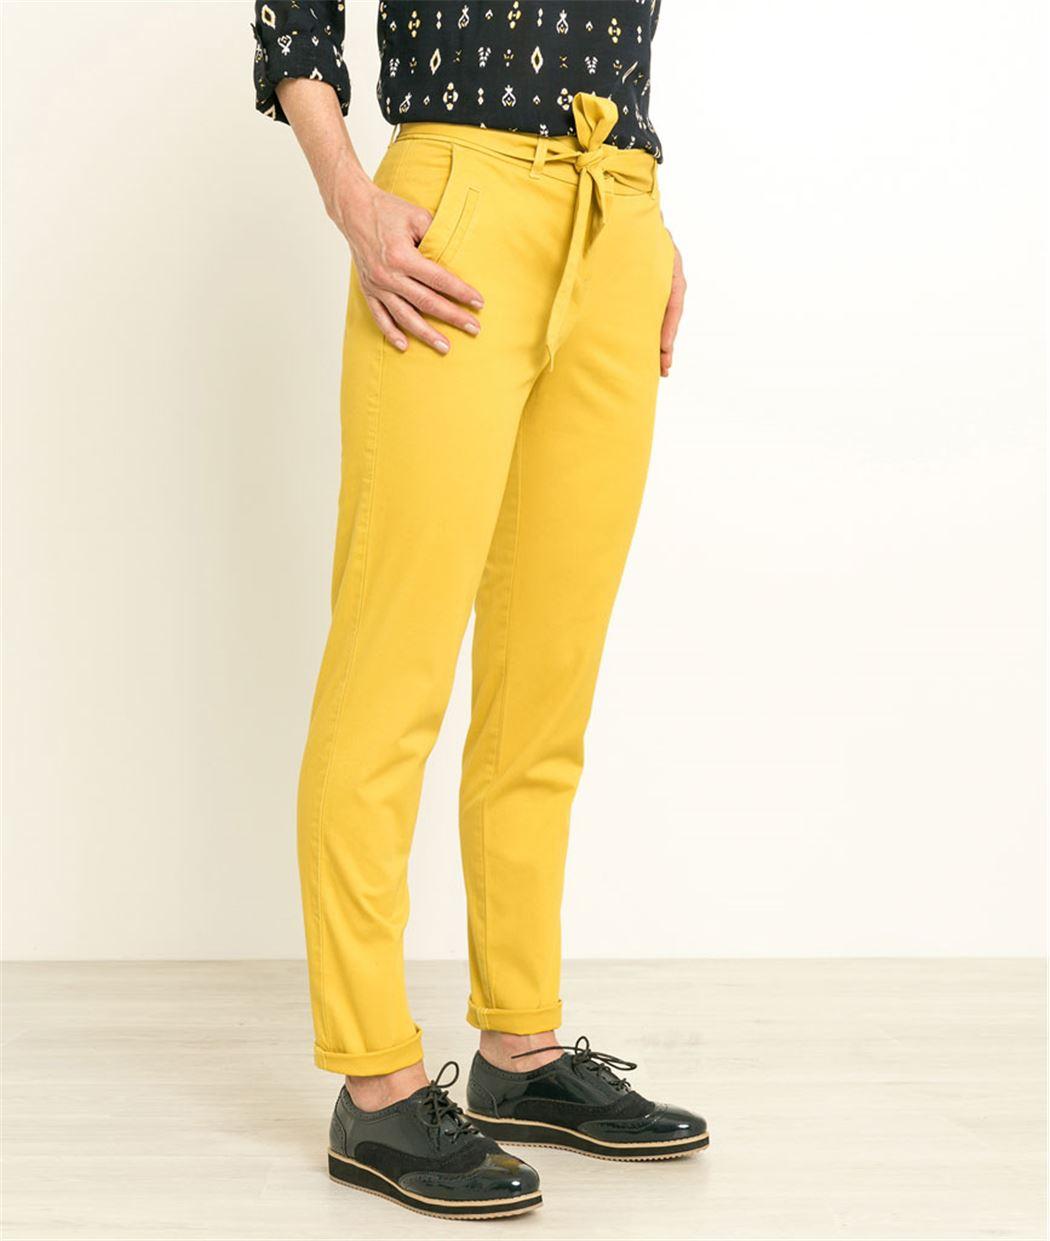 Pantalon femme chino ceinturé CITRINE